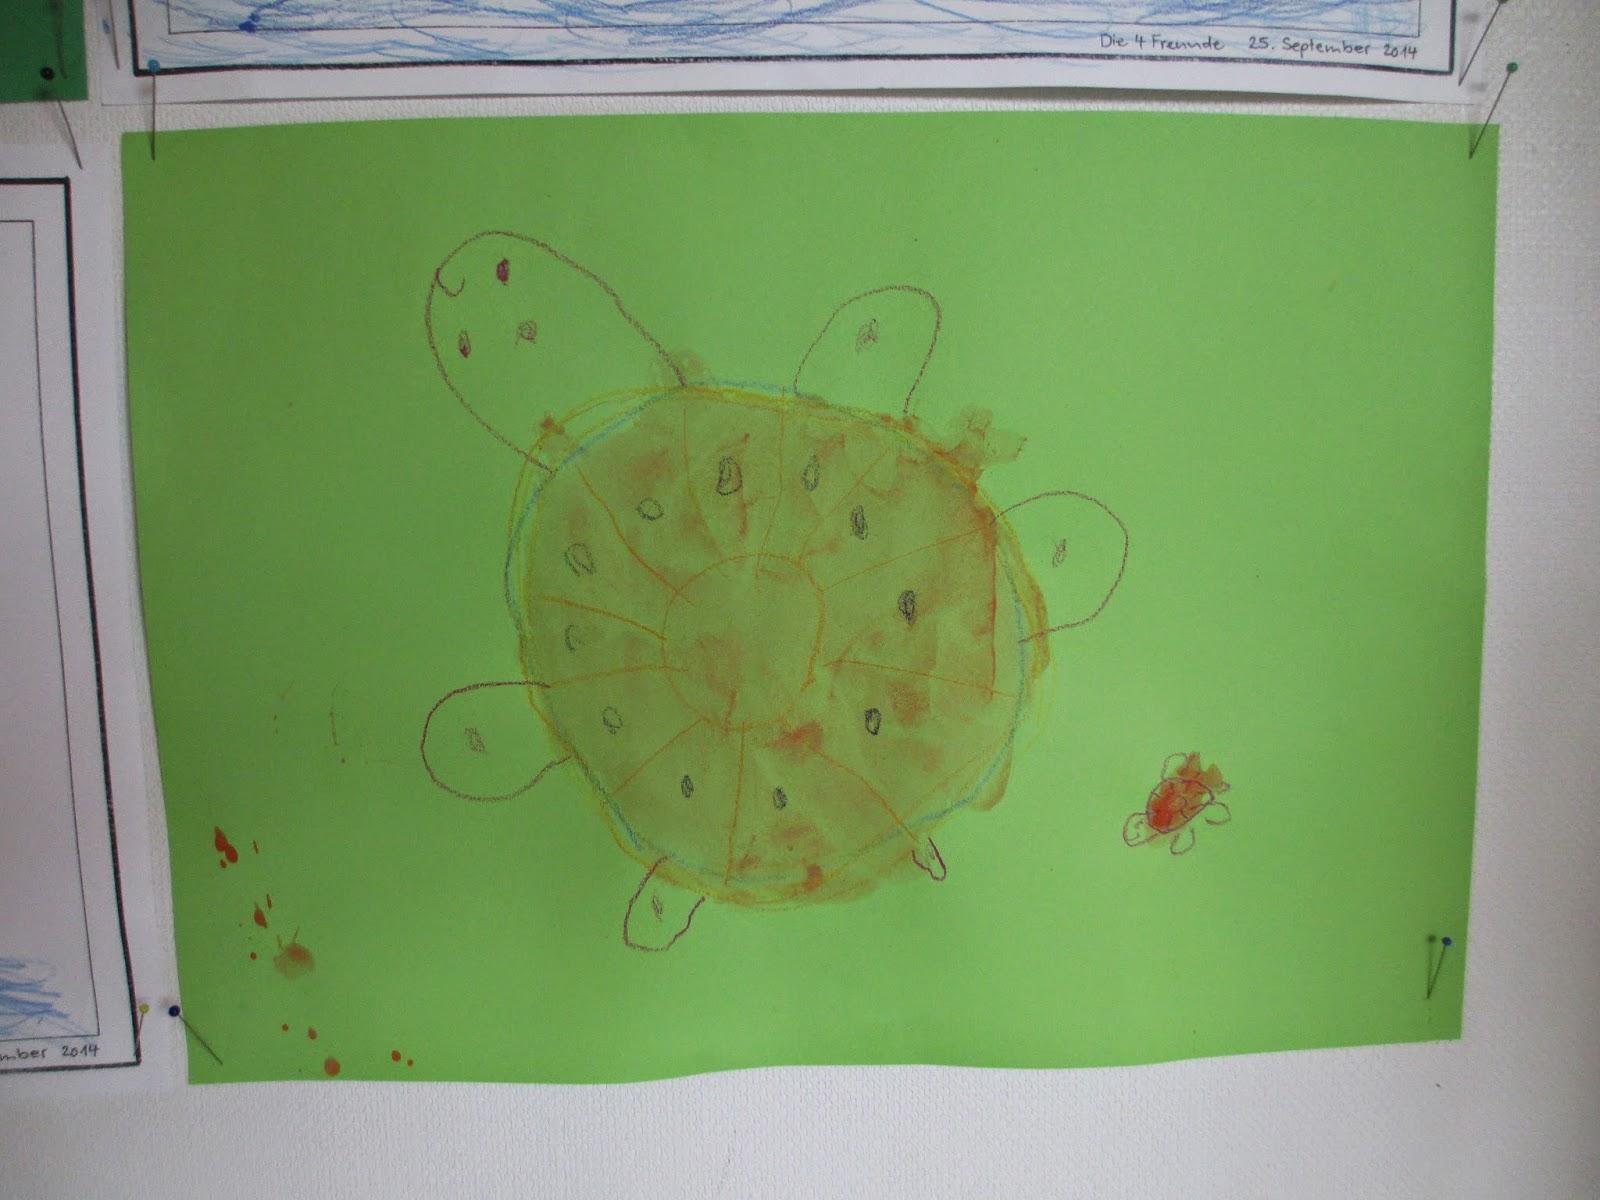 Schildkröte zeichnen Kind 4 Jahre alt